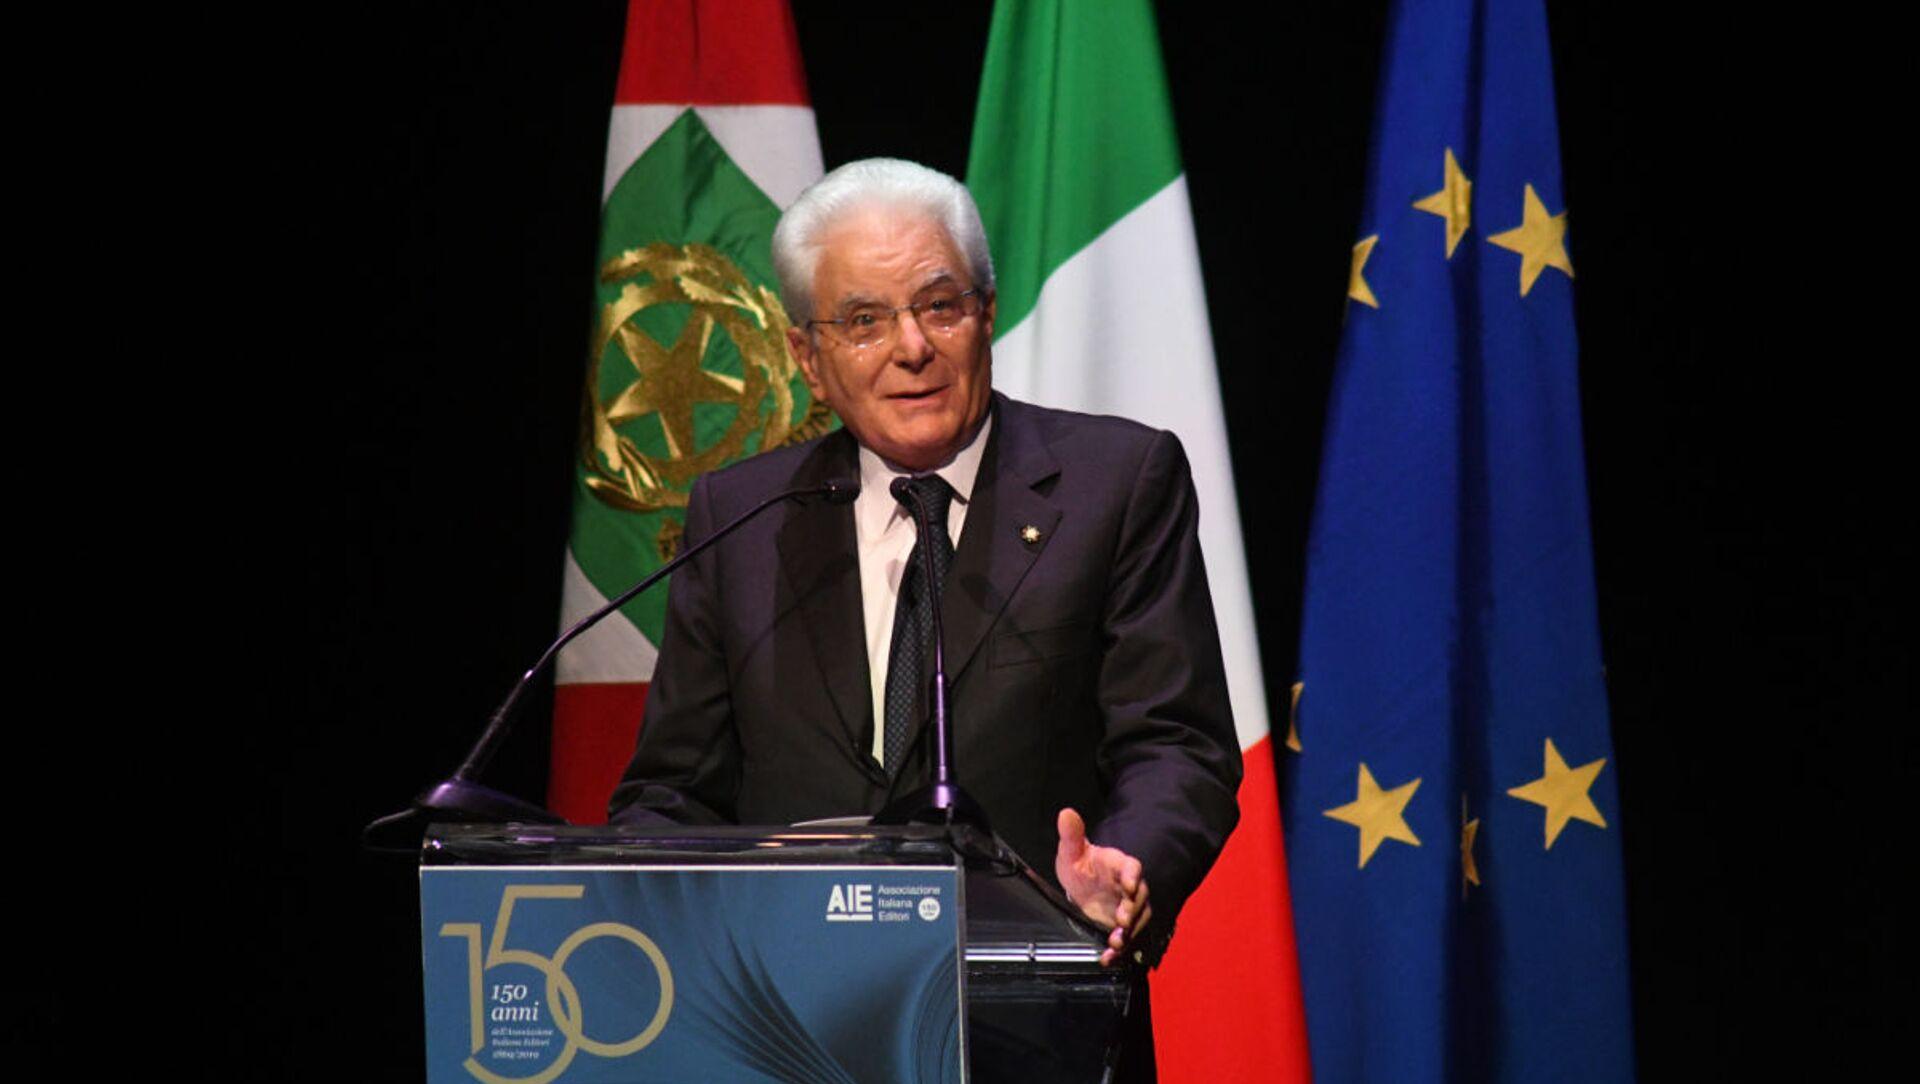 Il Presidente della Repubblica Sergio Mattarella ai 150 anni dell'Associazione Italiana Editori - Sputnik Italia, 1920, 15.05.2021